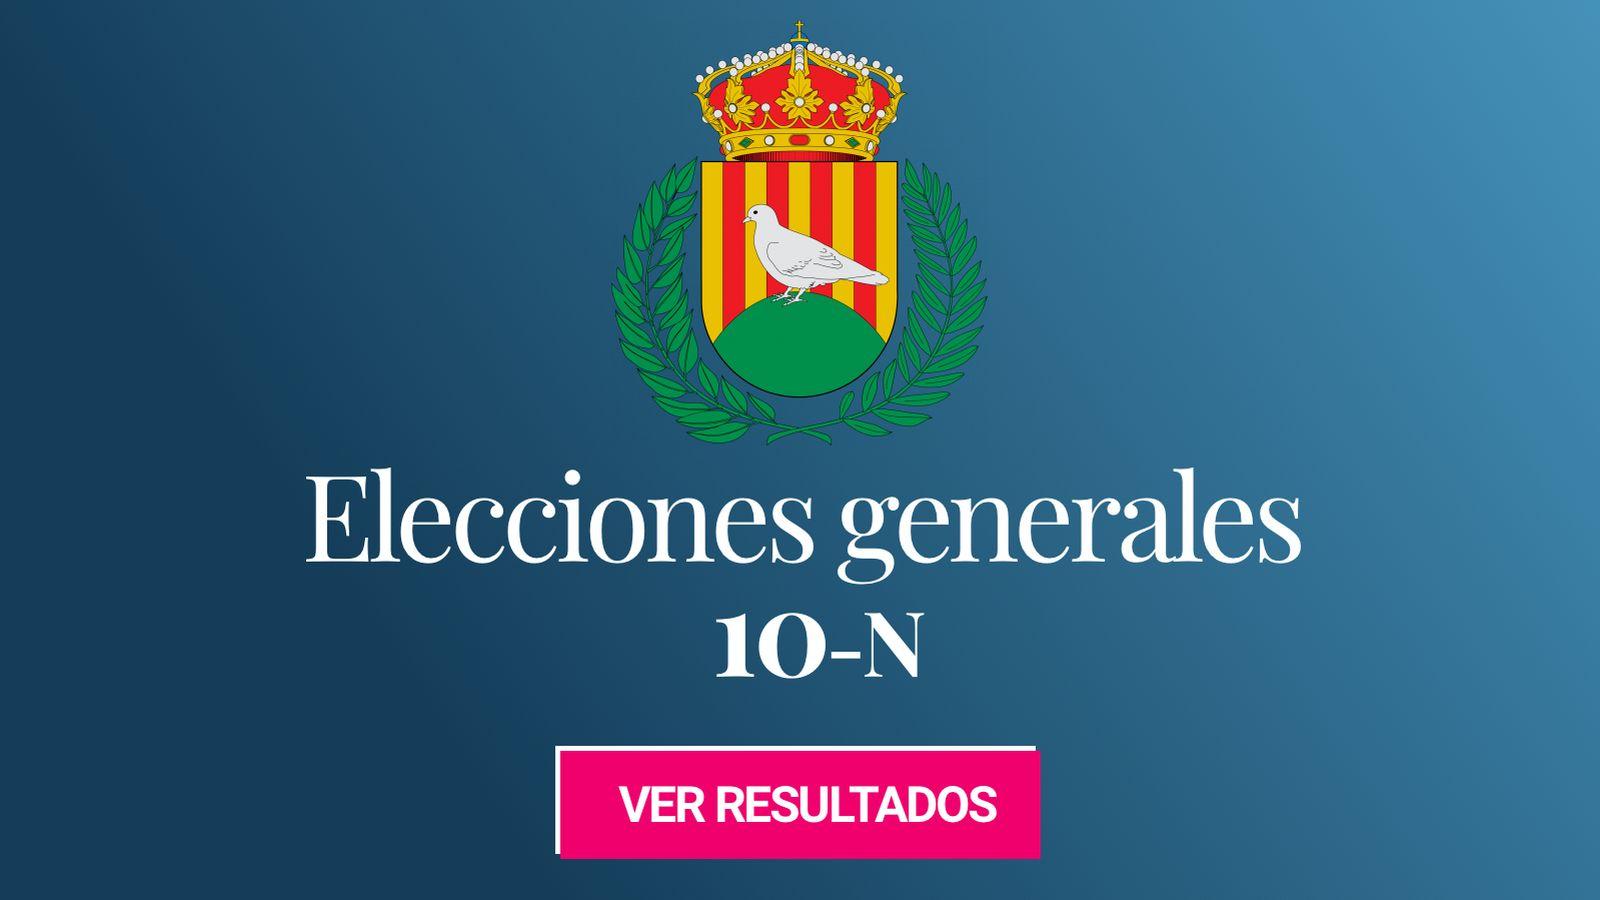 Foto: Elecciones generales 2019 en Santa Coloma de Gramenet. (C.C./EC)